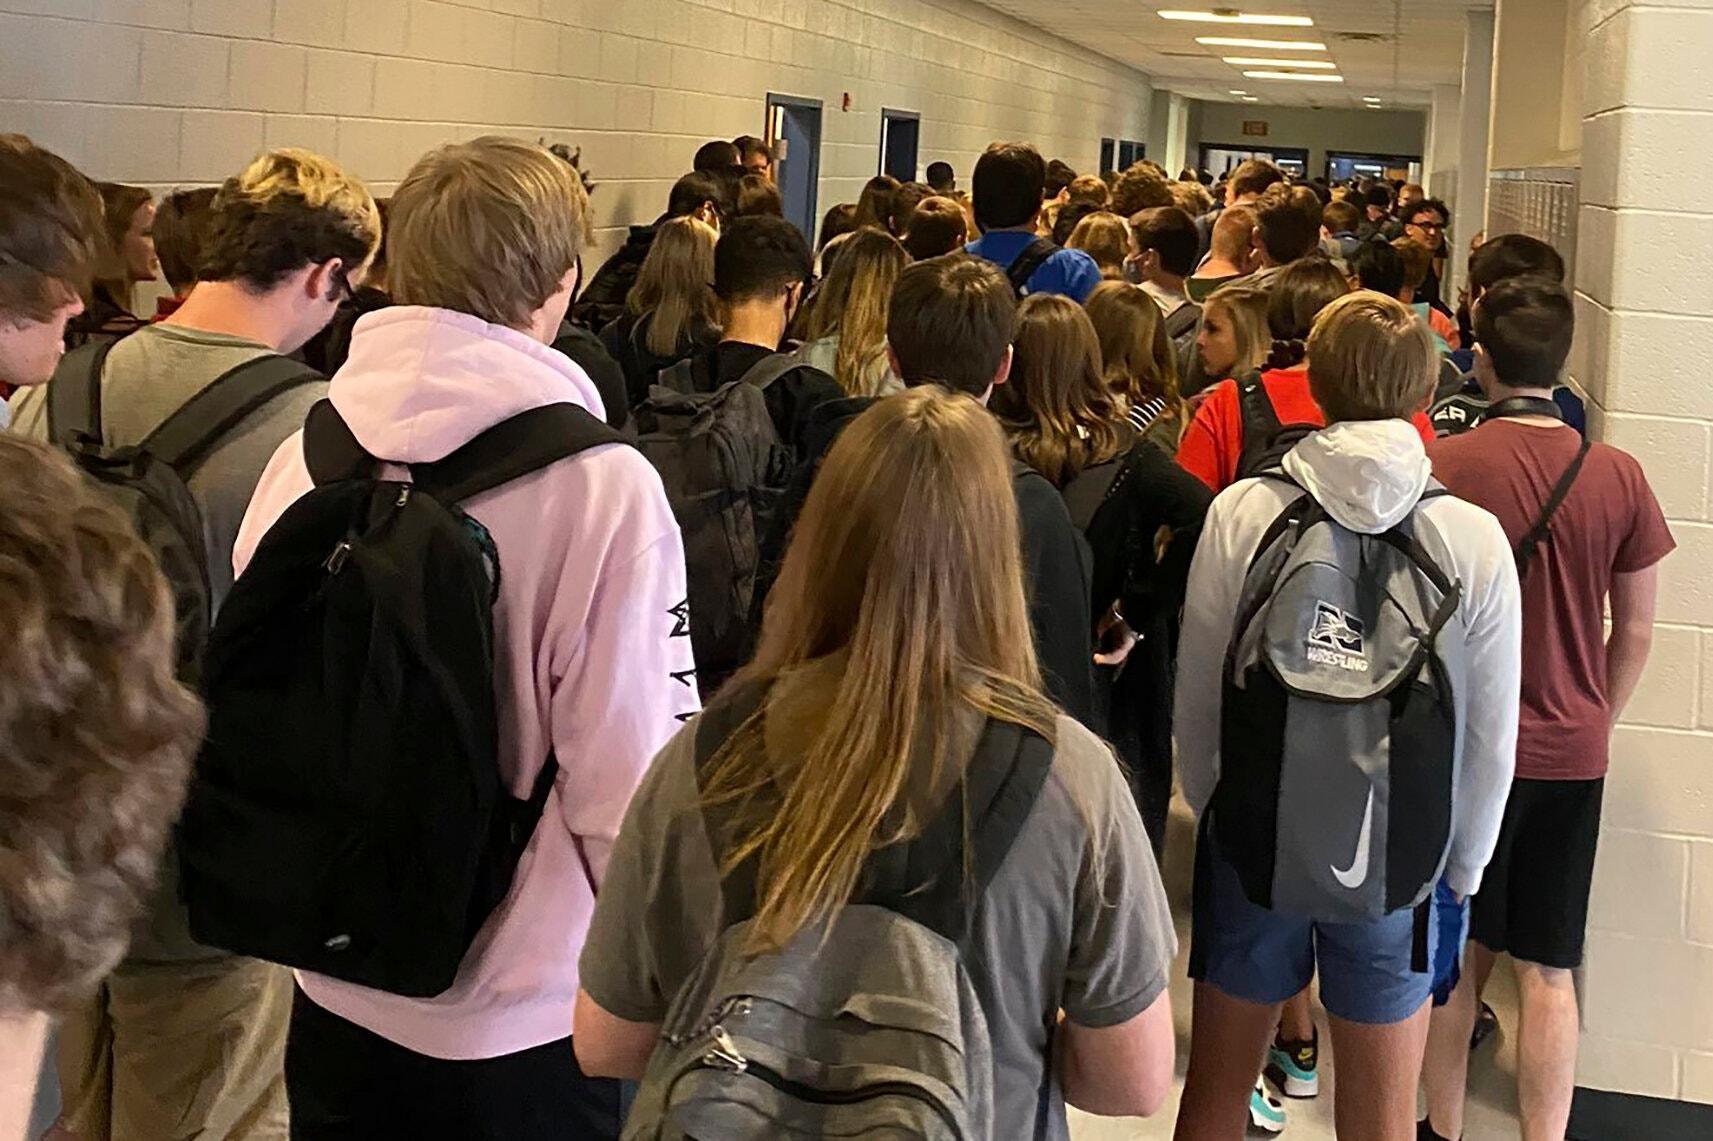 第一批返校的美国中学生:害怕返校 担心隔离 更恐惧被感染